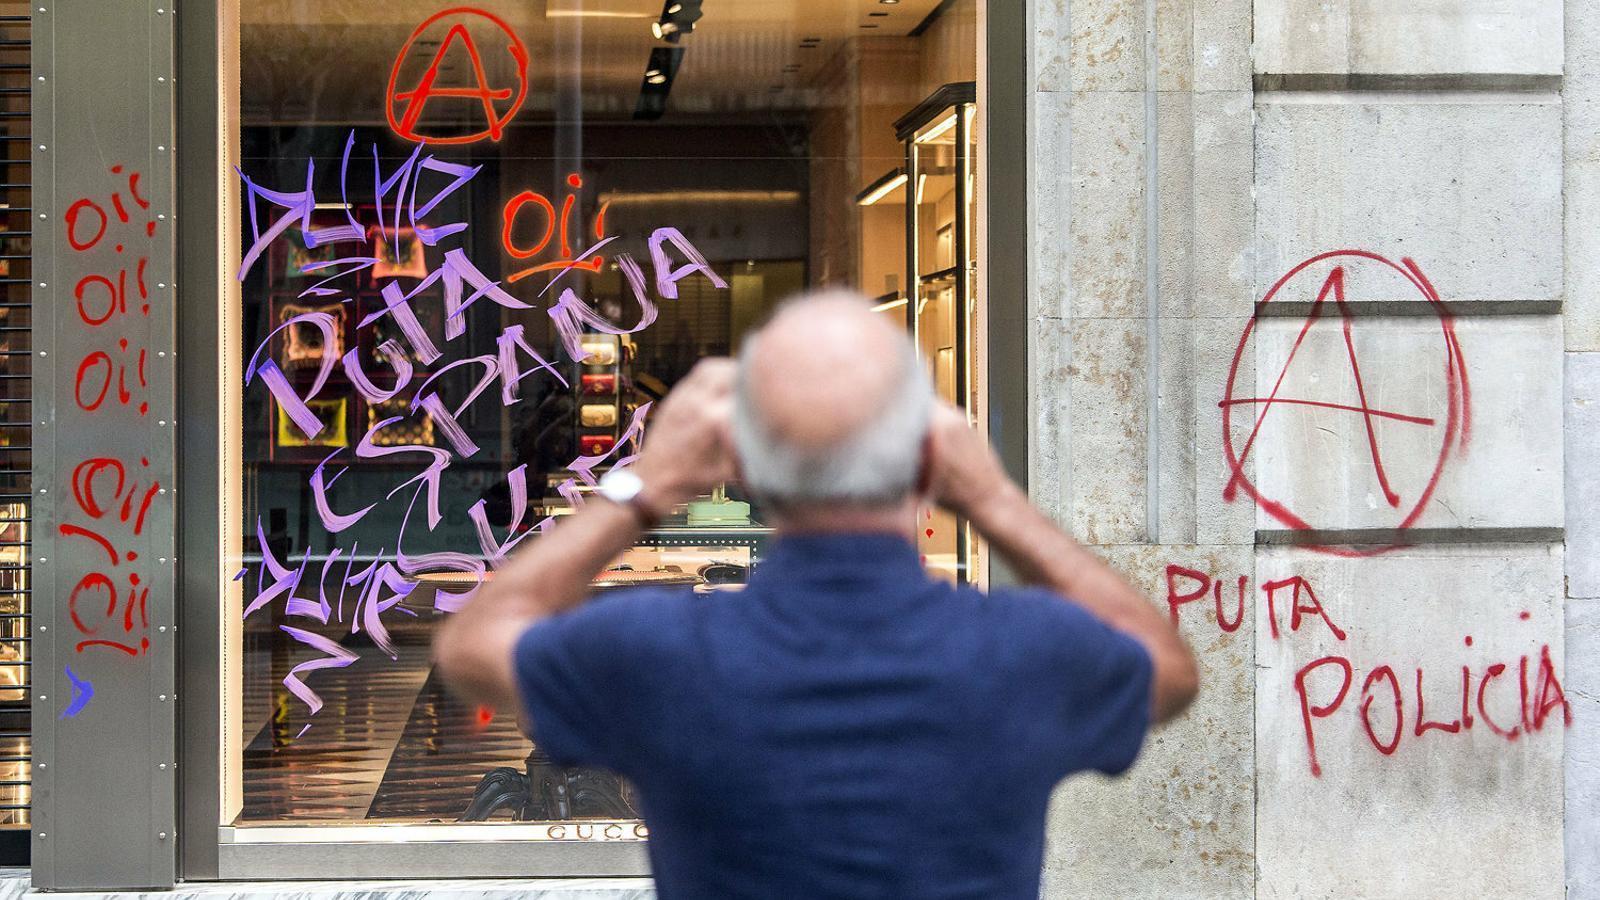 Pintades en una botiga del passeig de Gràcia després de la jornada de vaga del 18 d'octubre contra la sentència.